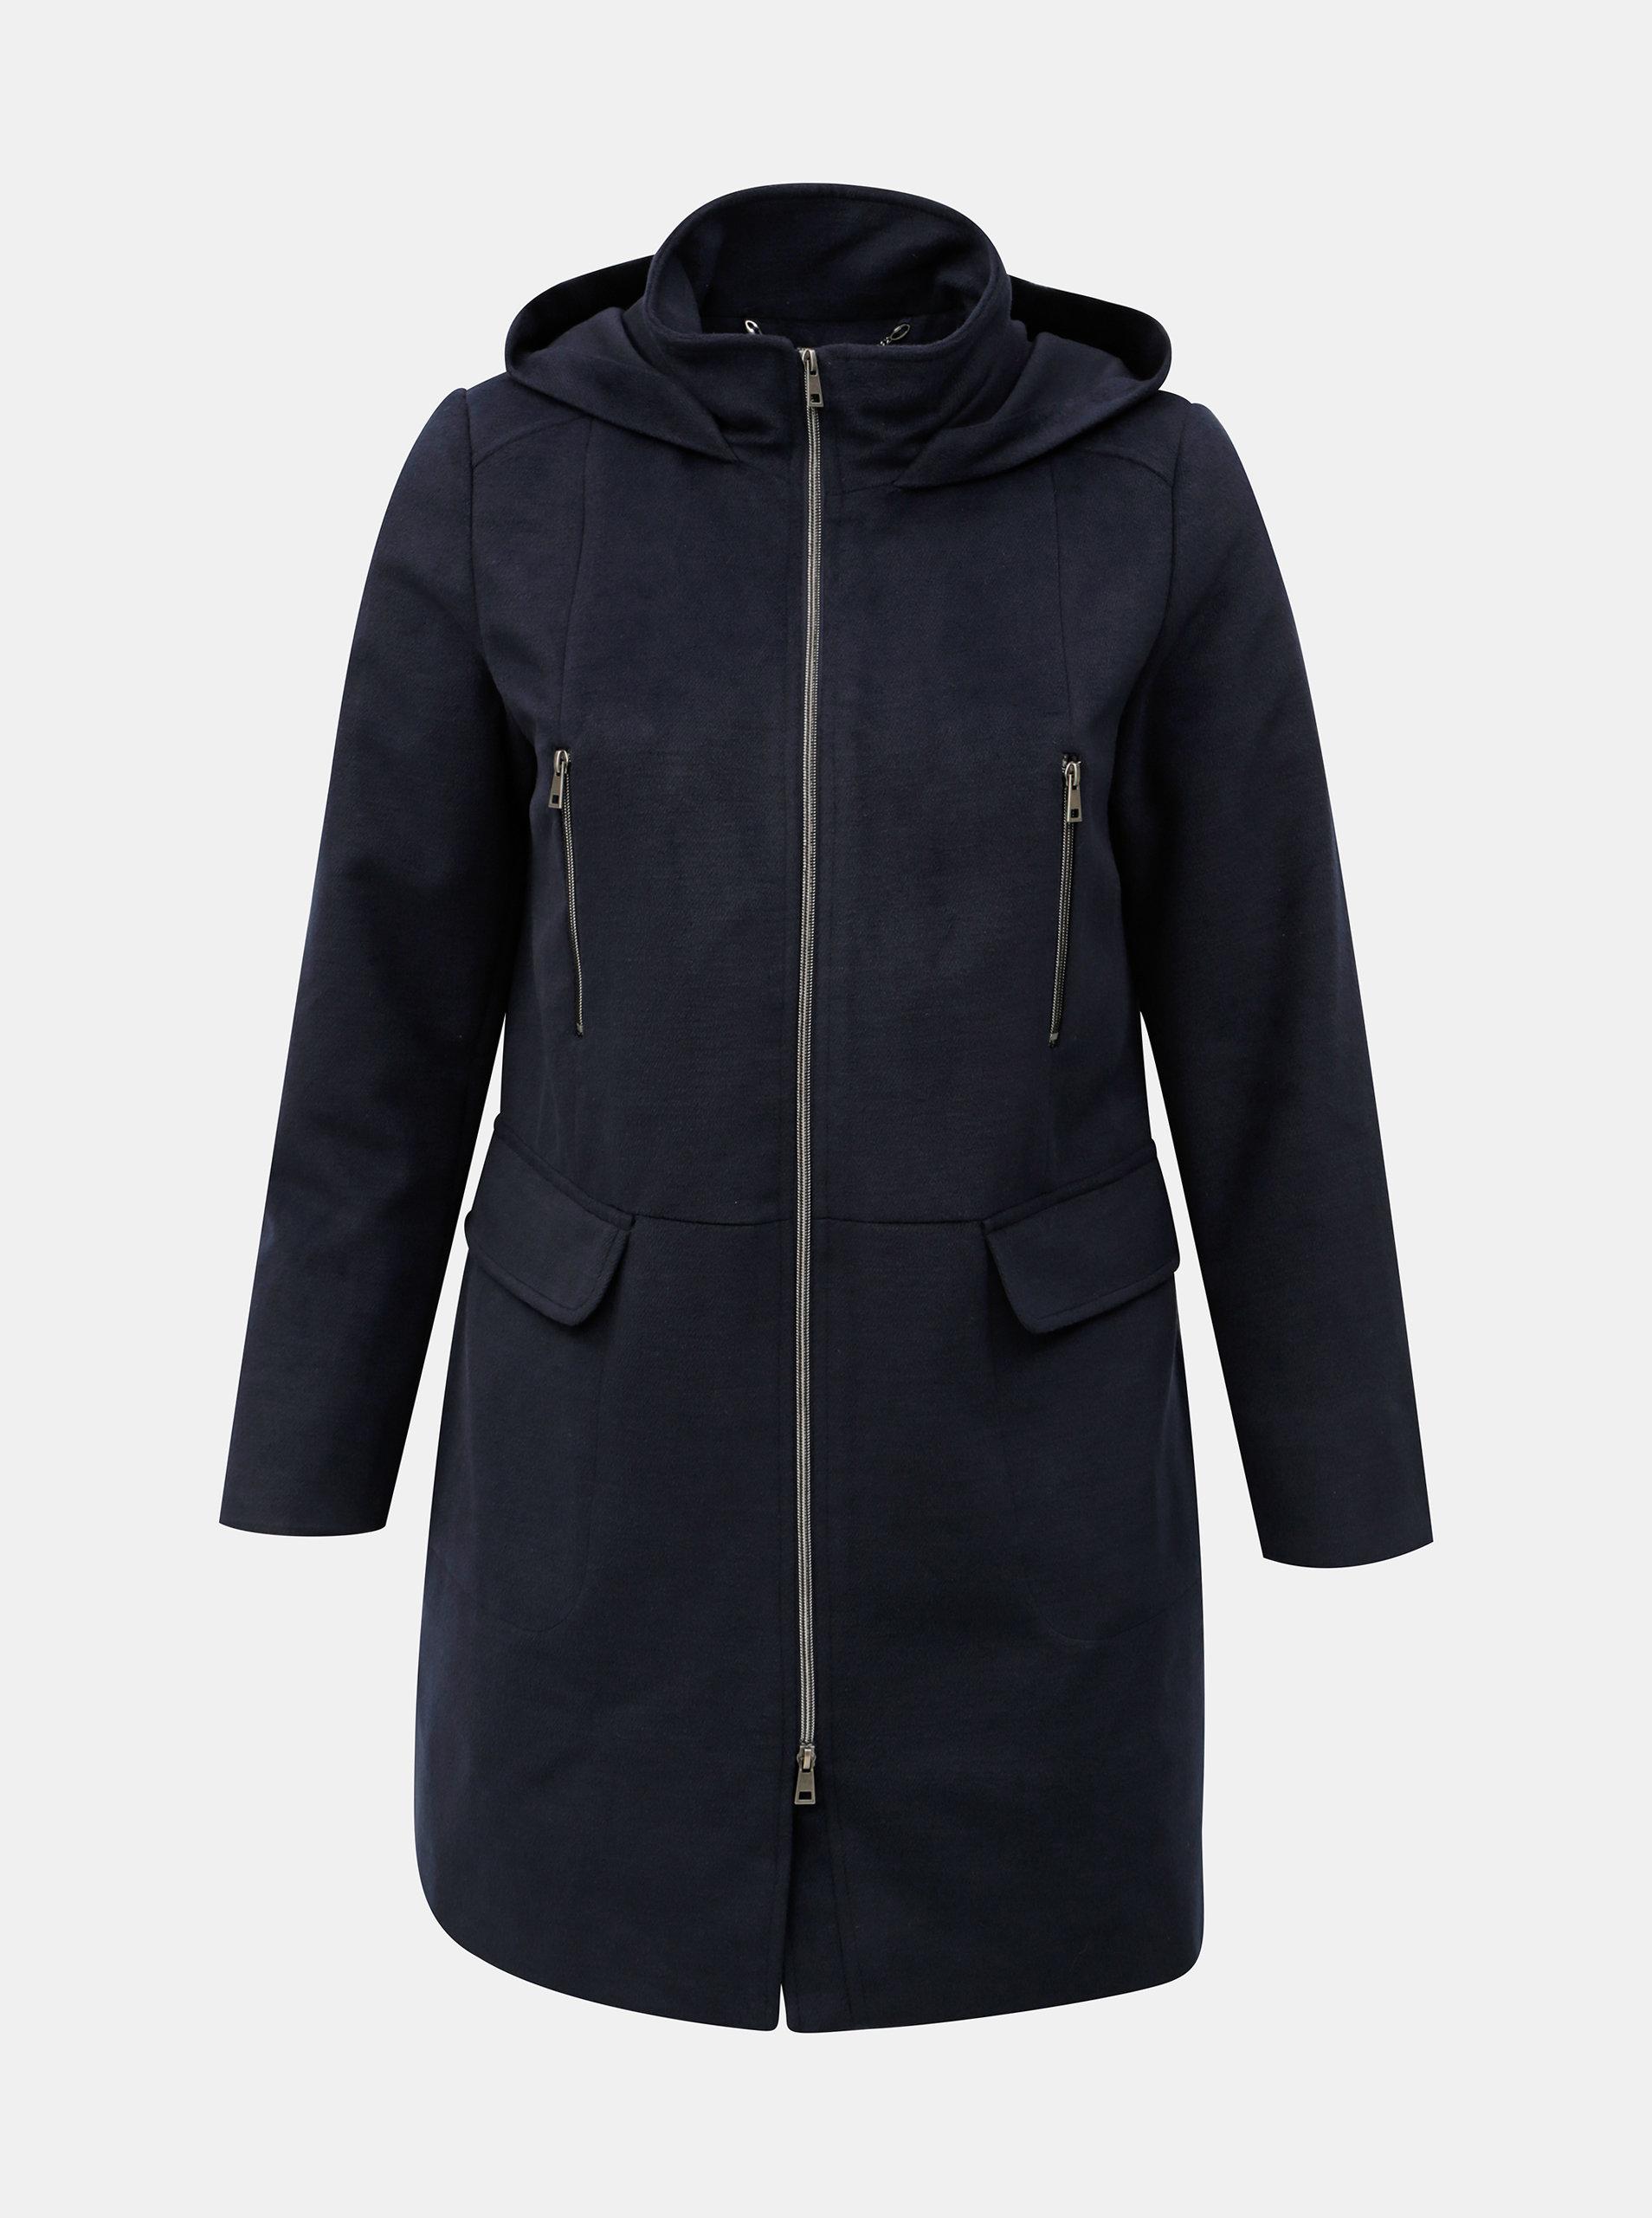 Tmavě modrý kabát s kapucí Ulla Popken